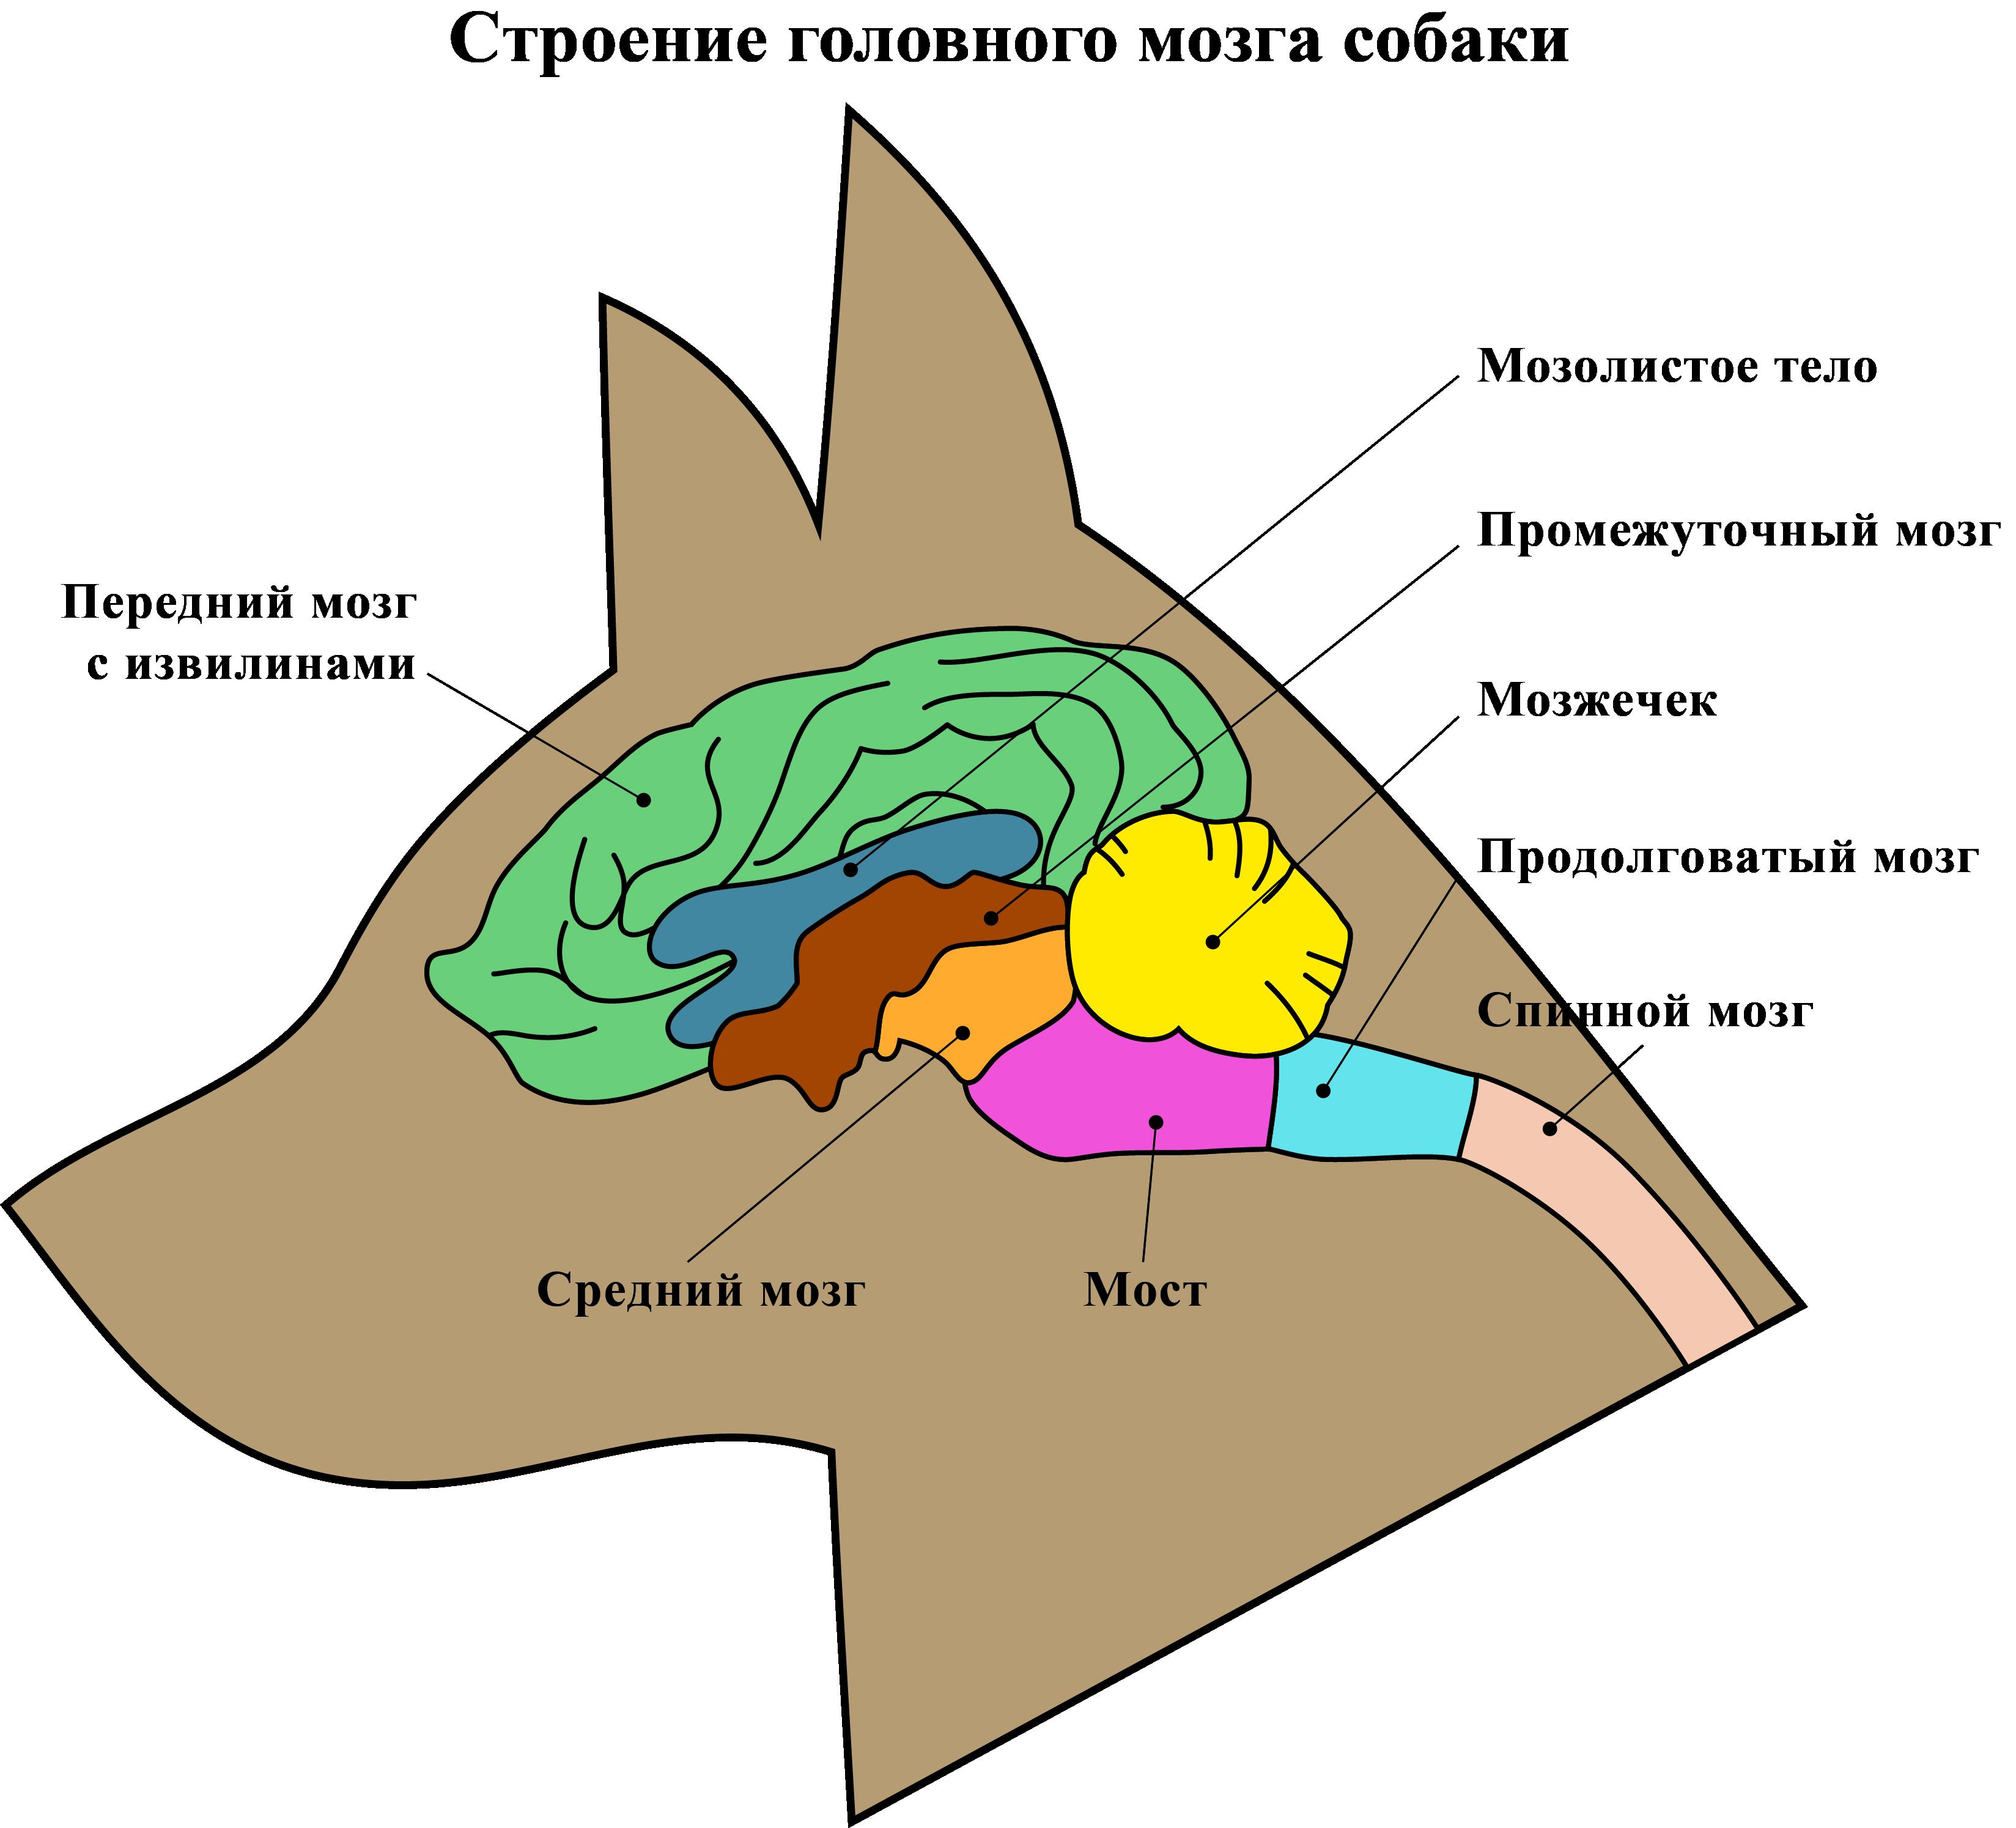 Мозг собаки